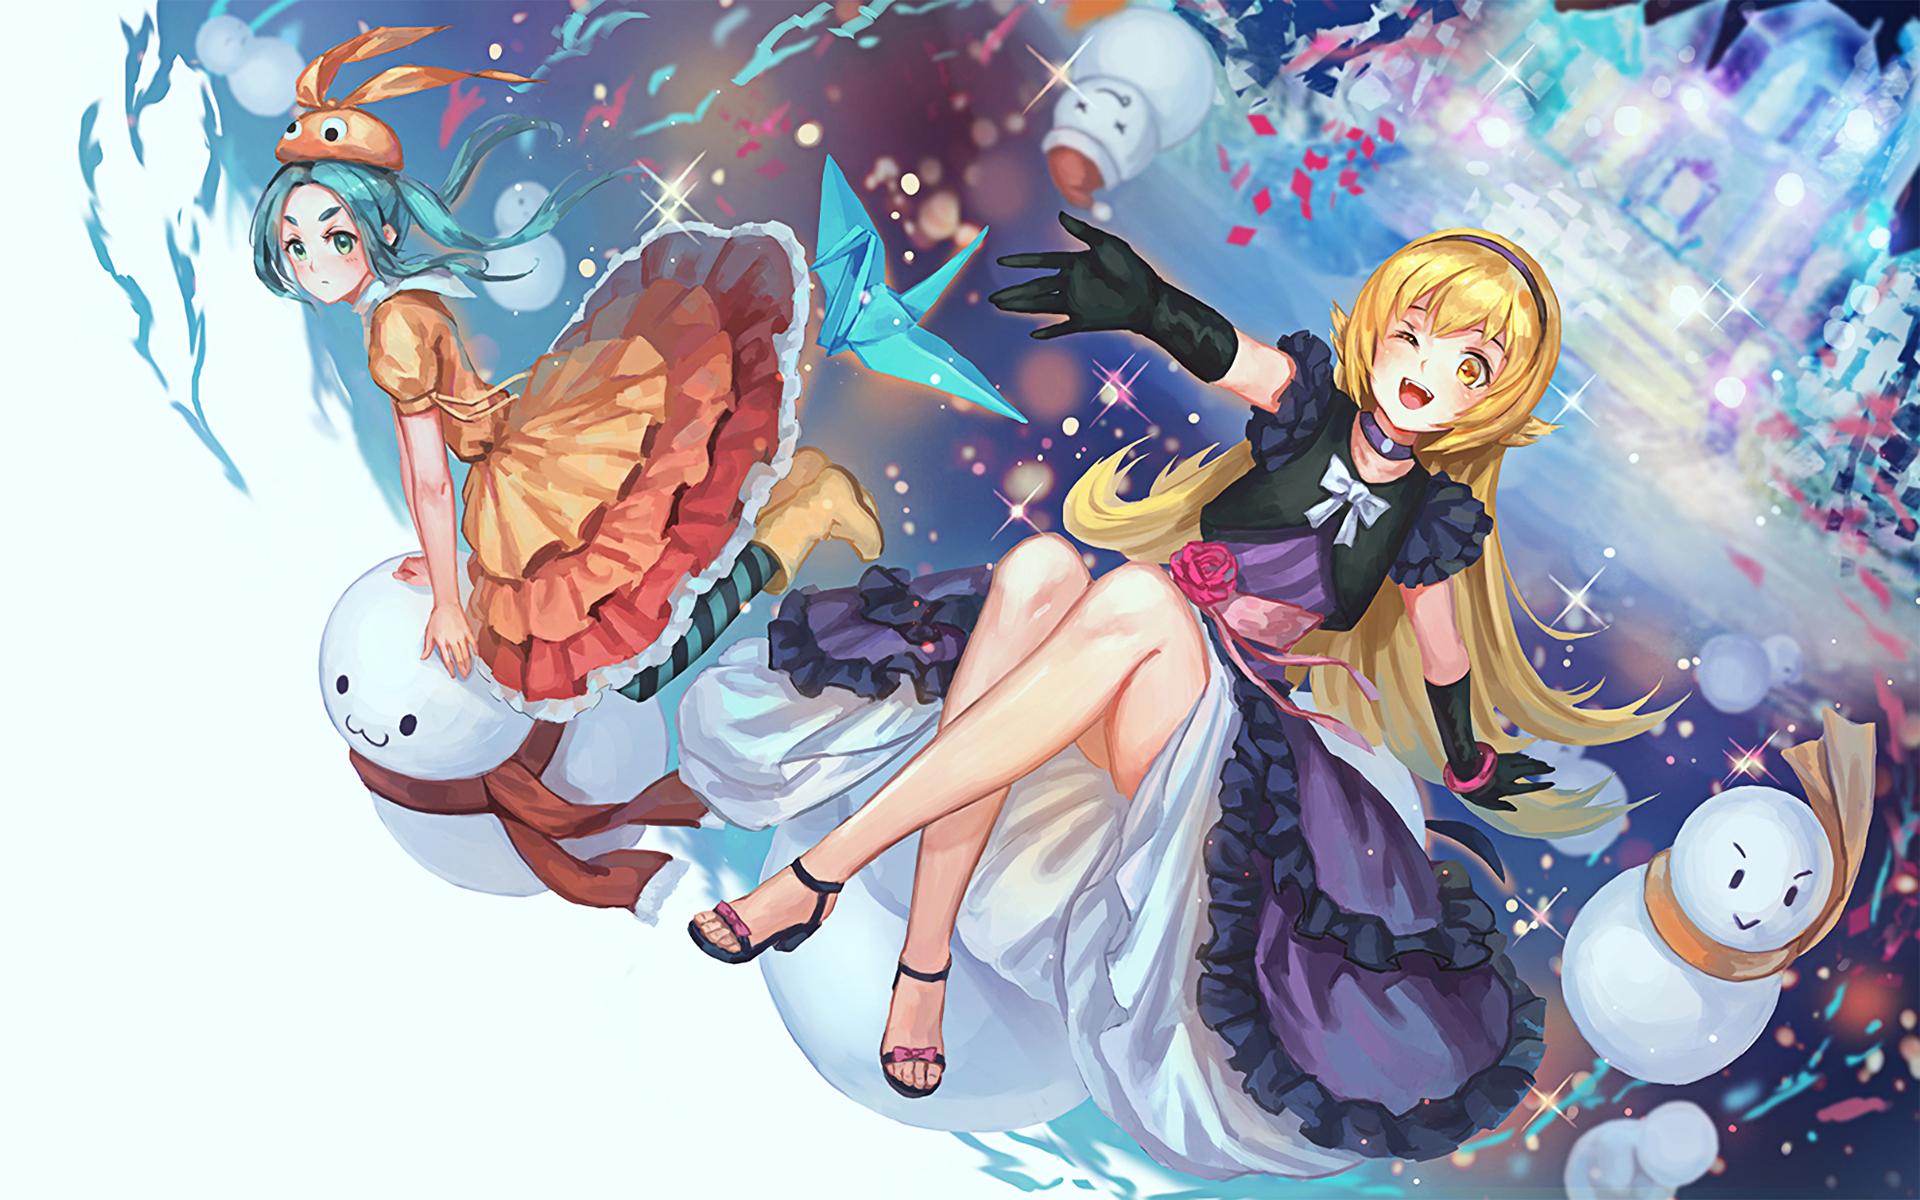 Illustration Monogatari Series Anime Girls Oshino Shinobu Ononoki Yotsugi Mangaka